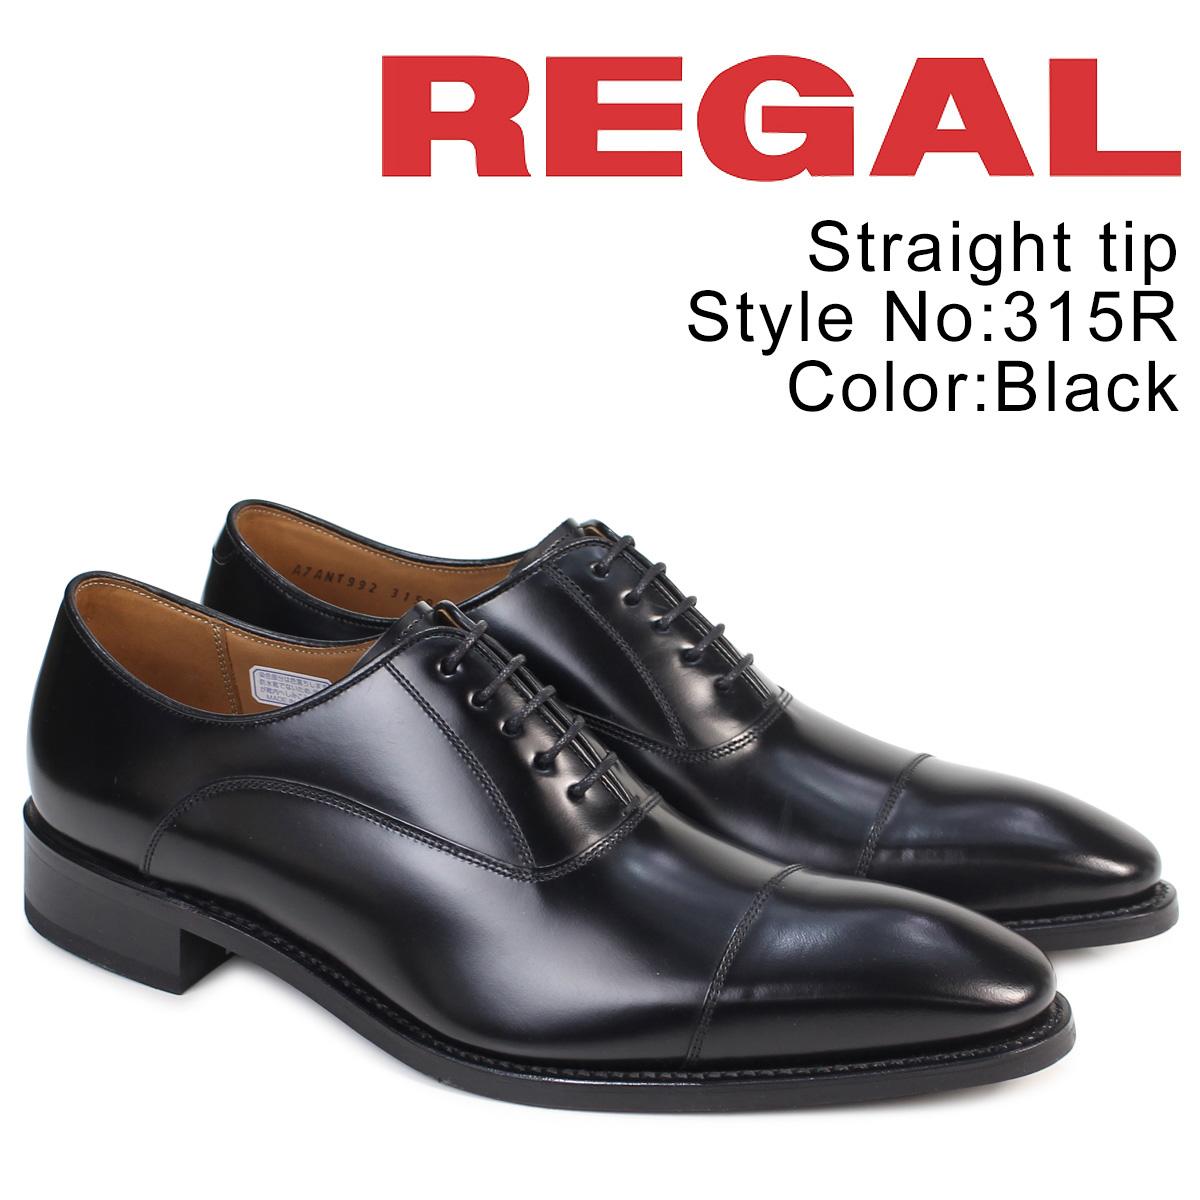 REGAL 靴 メンズ リーガル ストレートチップ 315RBD ビジネスシューズ 日本製 ブラック [9/12 追加入荷]